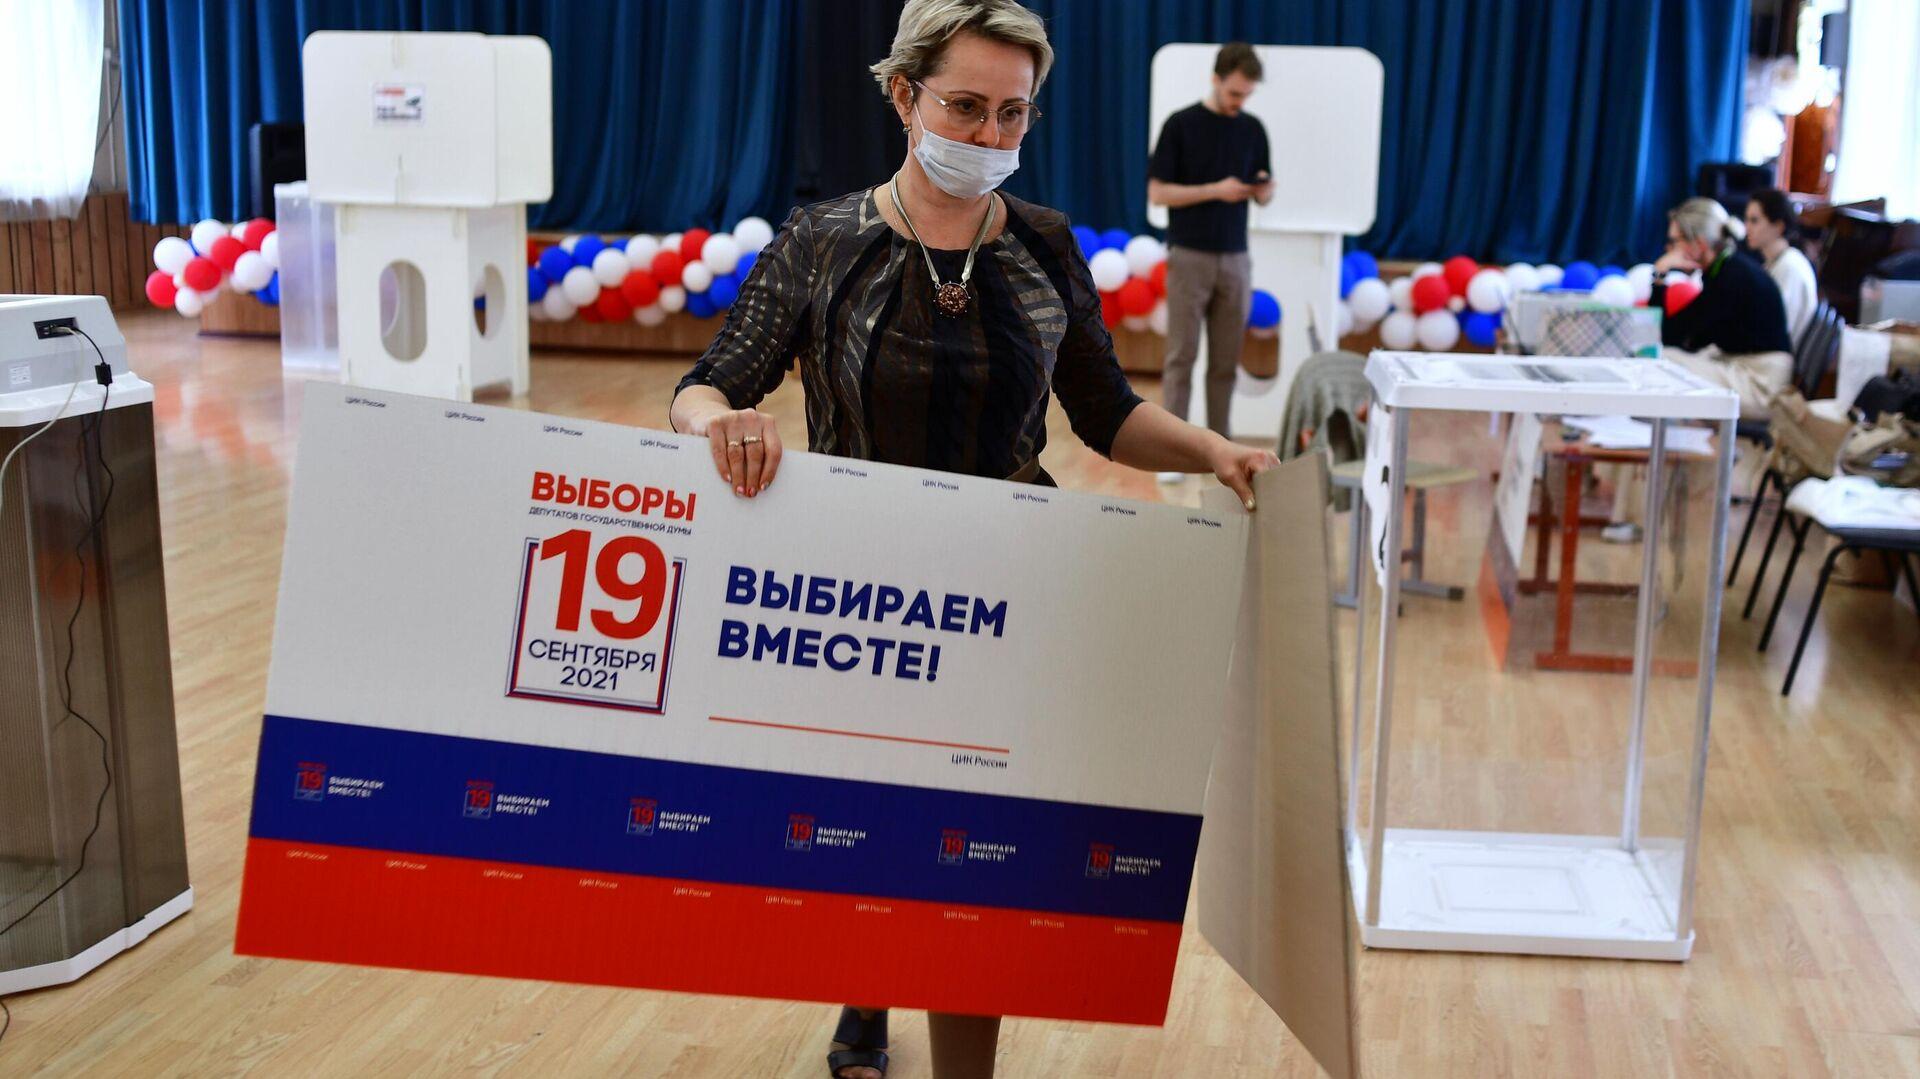 La preparación para las elecciones parlamentarias en Rusia - Sputnik Mundo, 1920, 20.09.2021